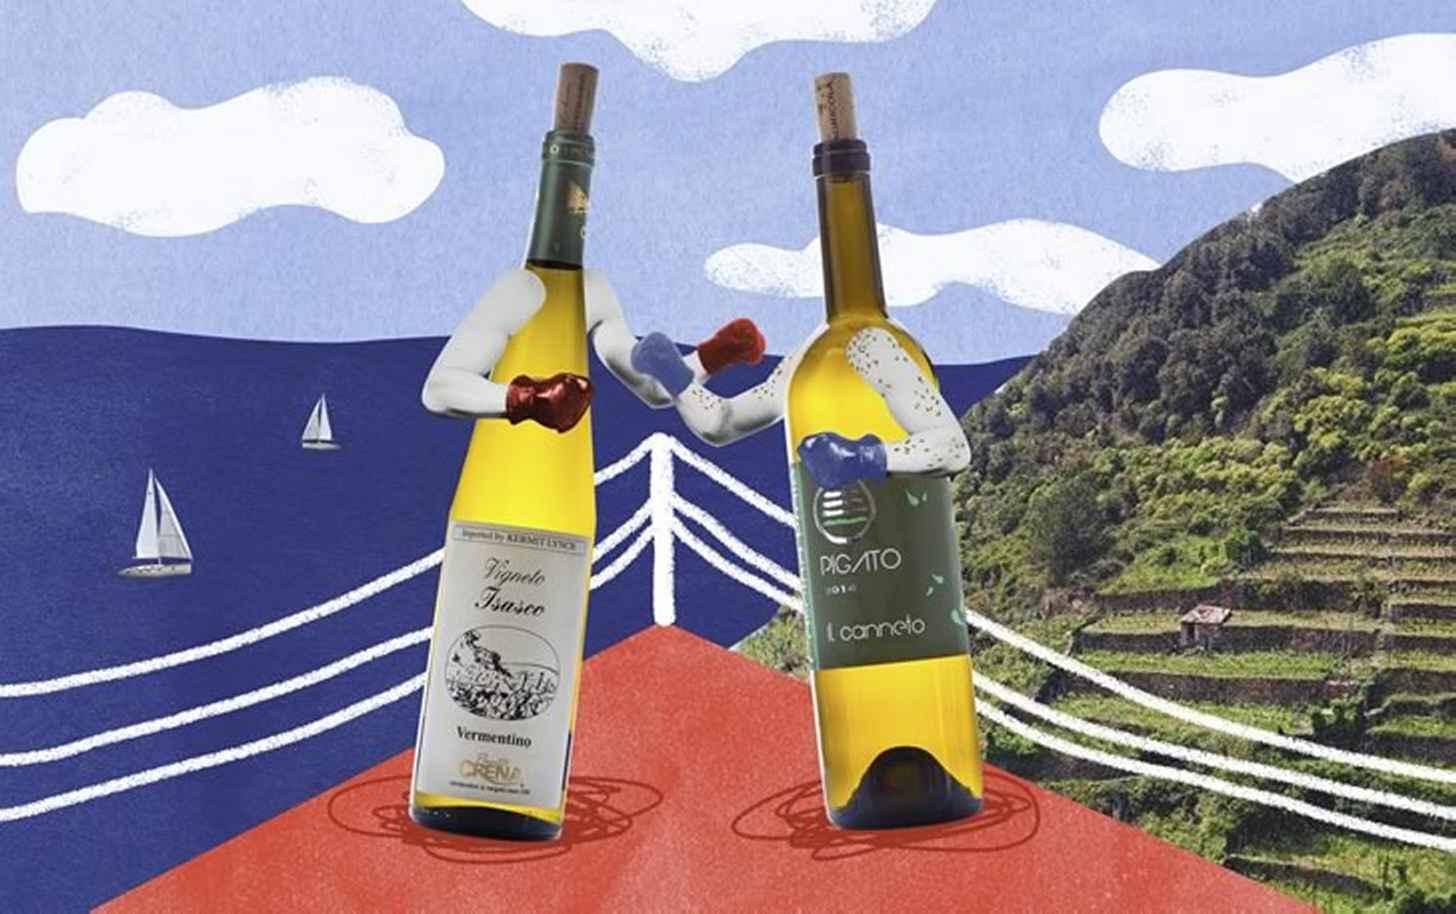 Верментино: обзор сорта, что стоит попробовать, профиль вина, отличия по регионам